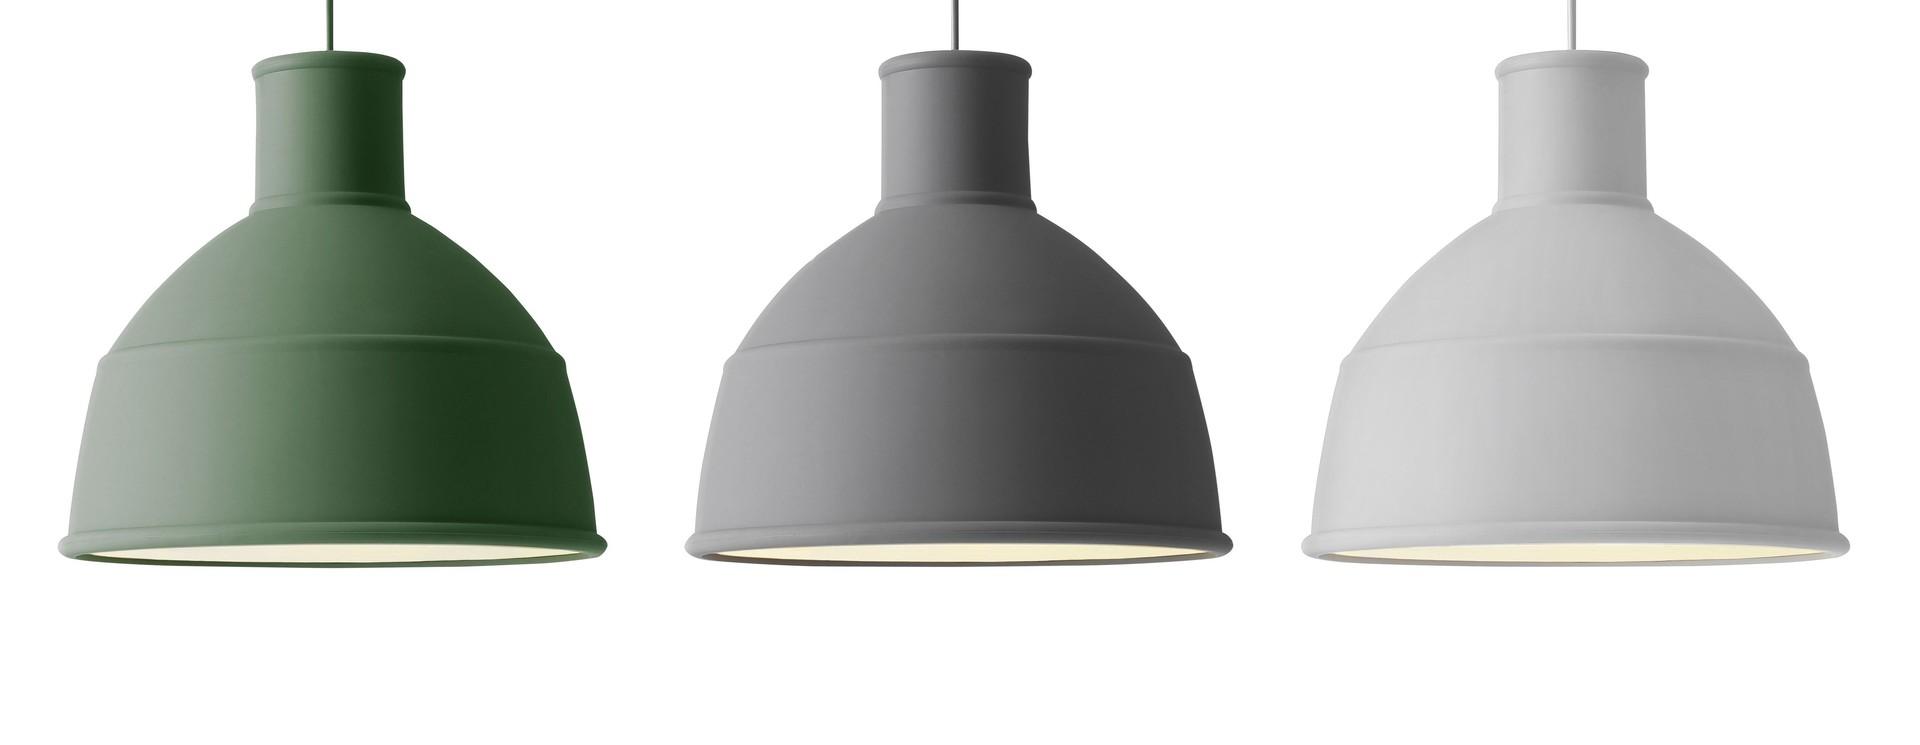 -20% discount MUUTO Unfold Lamp